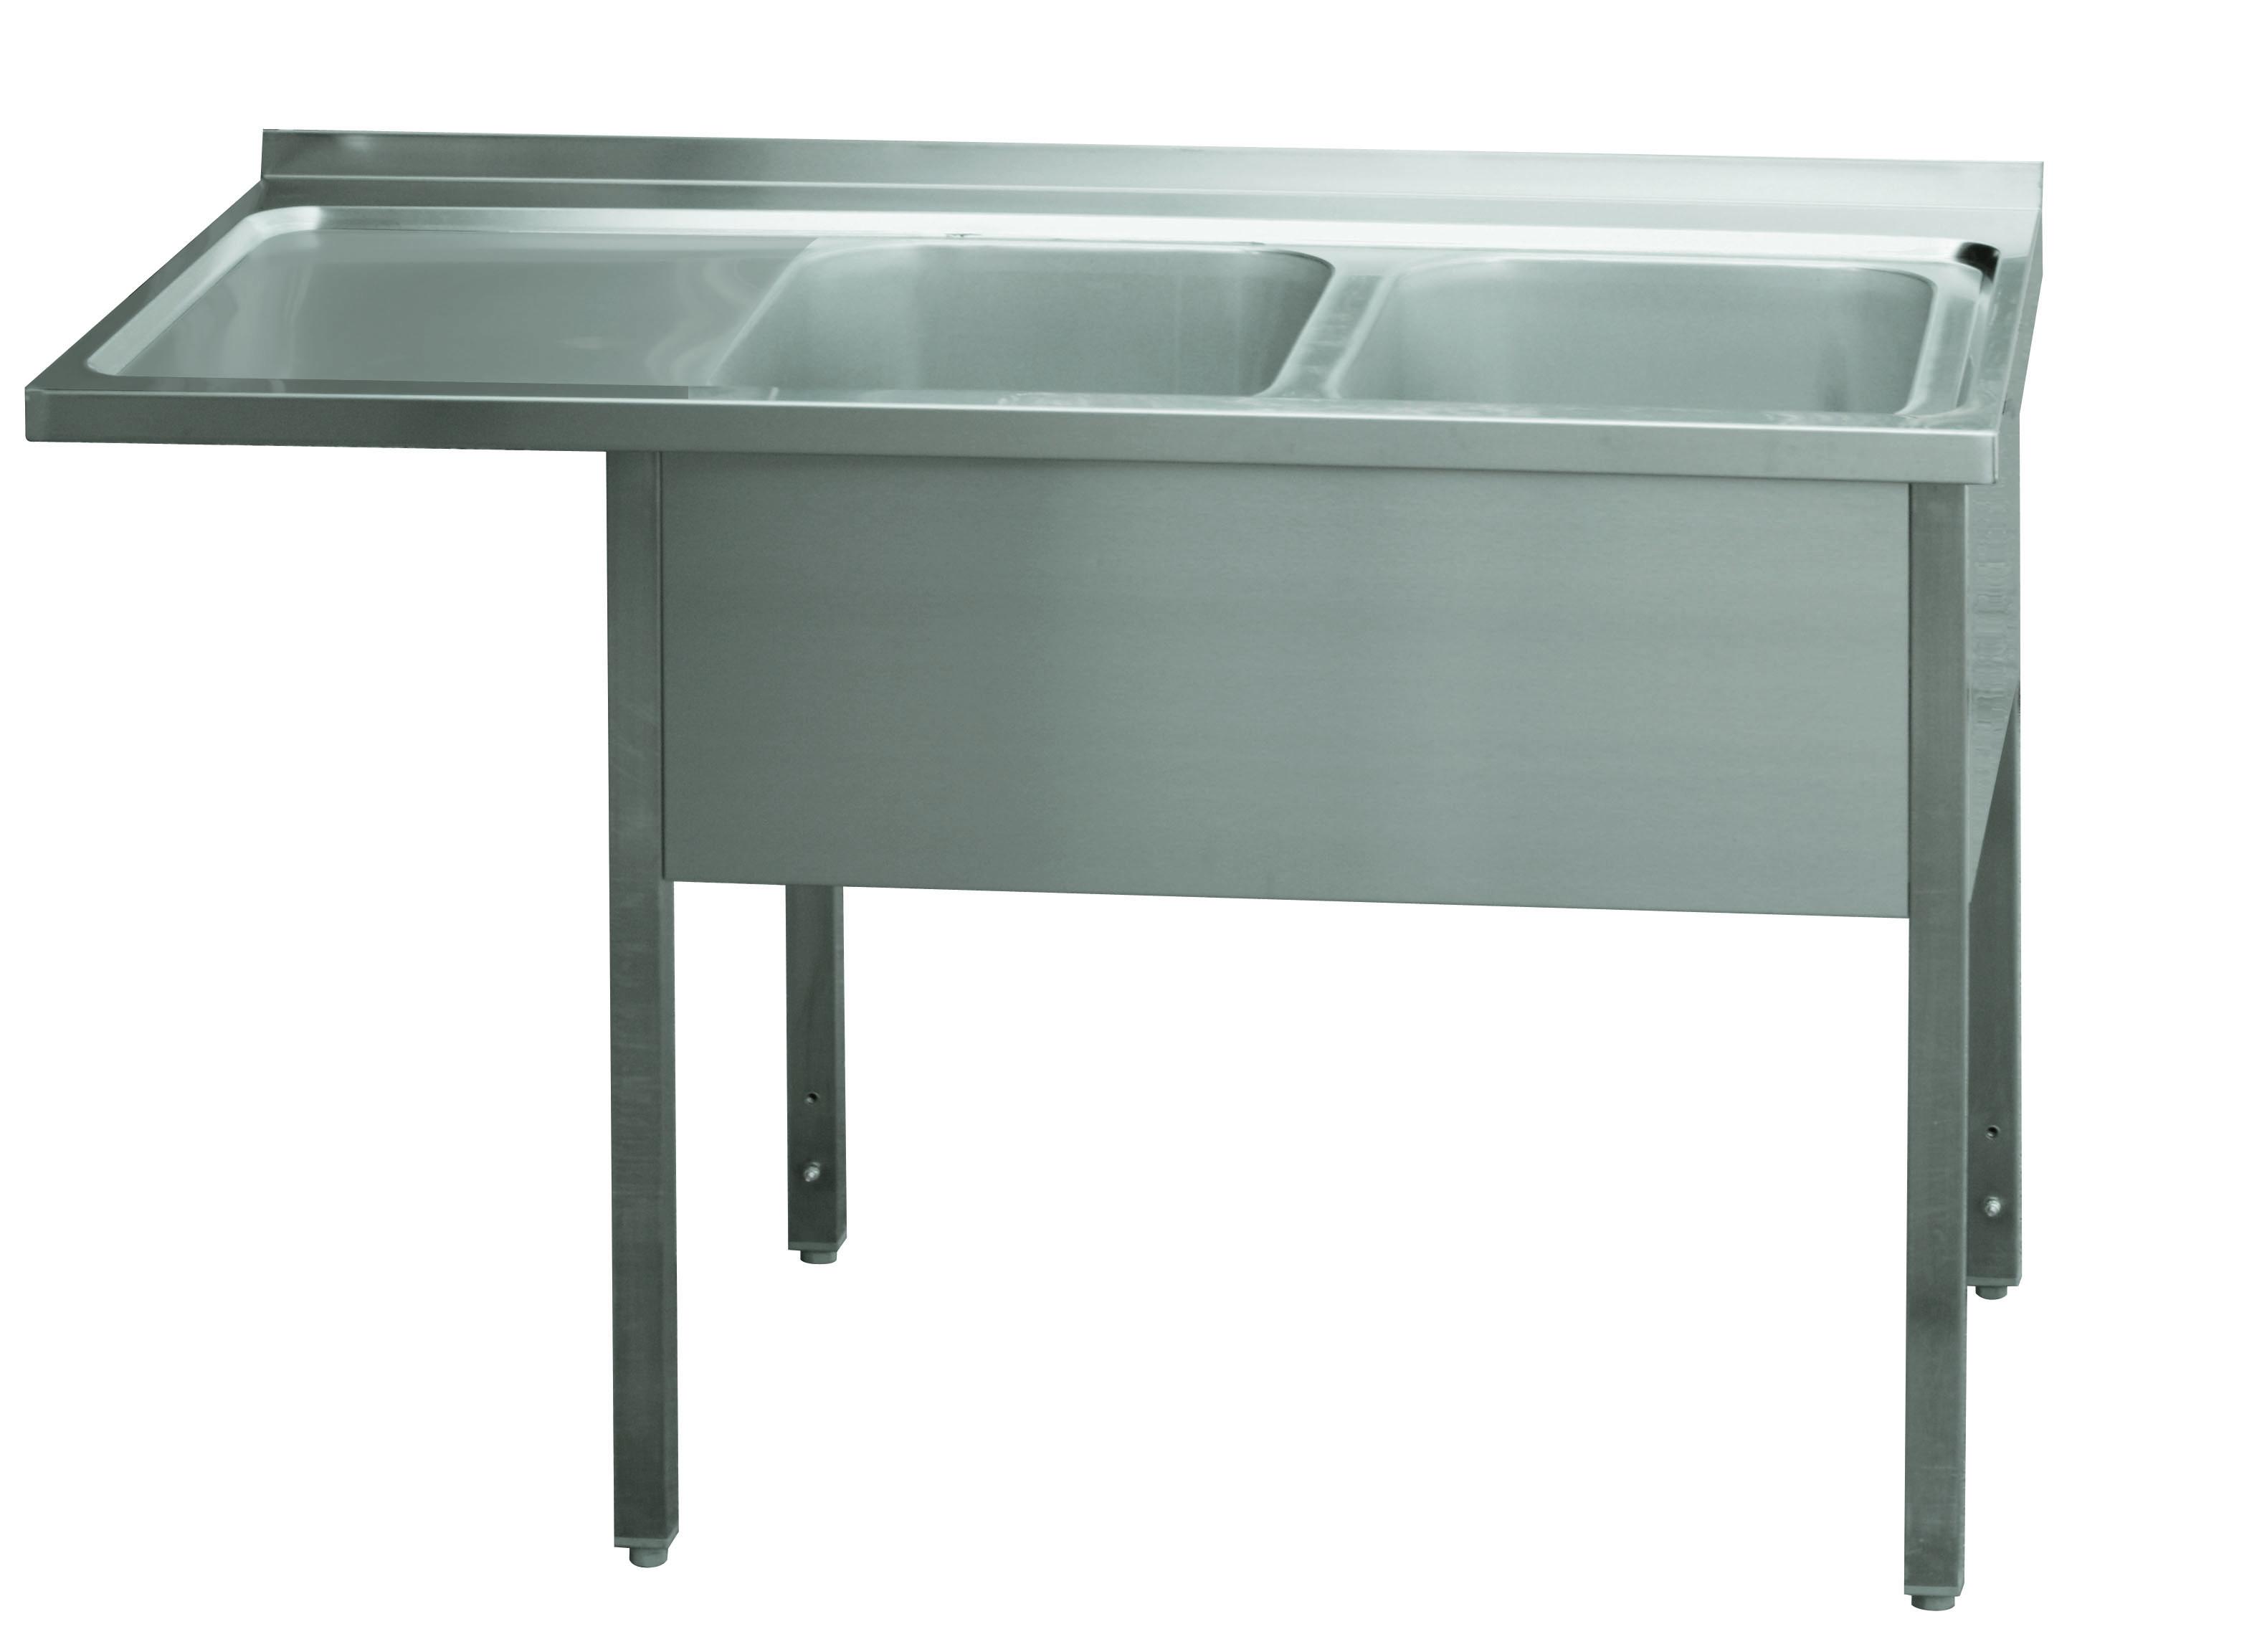 Stůl mycí dvoudřez MSDOL/M 160x70x90 REDFOX